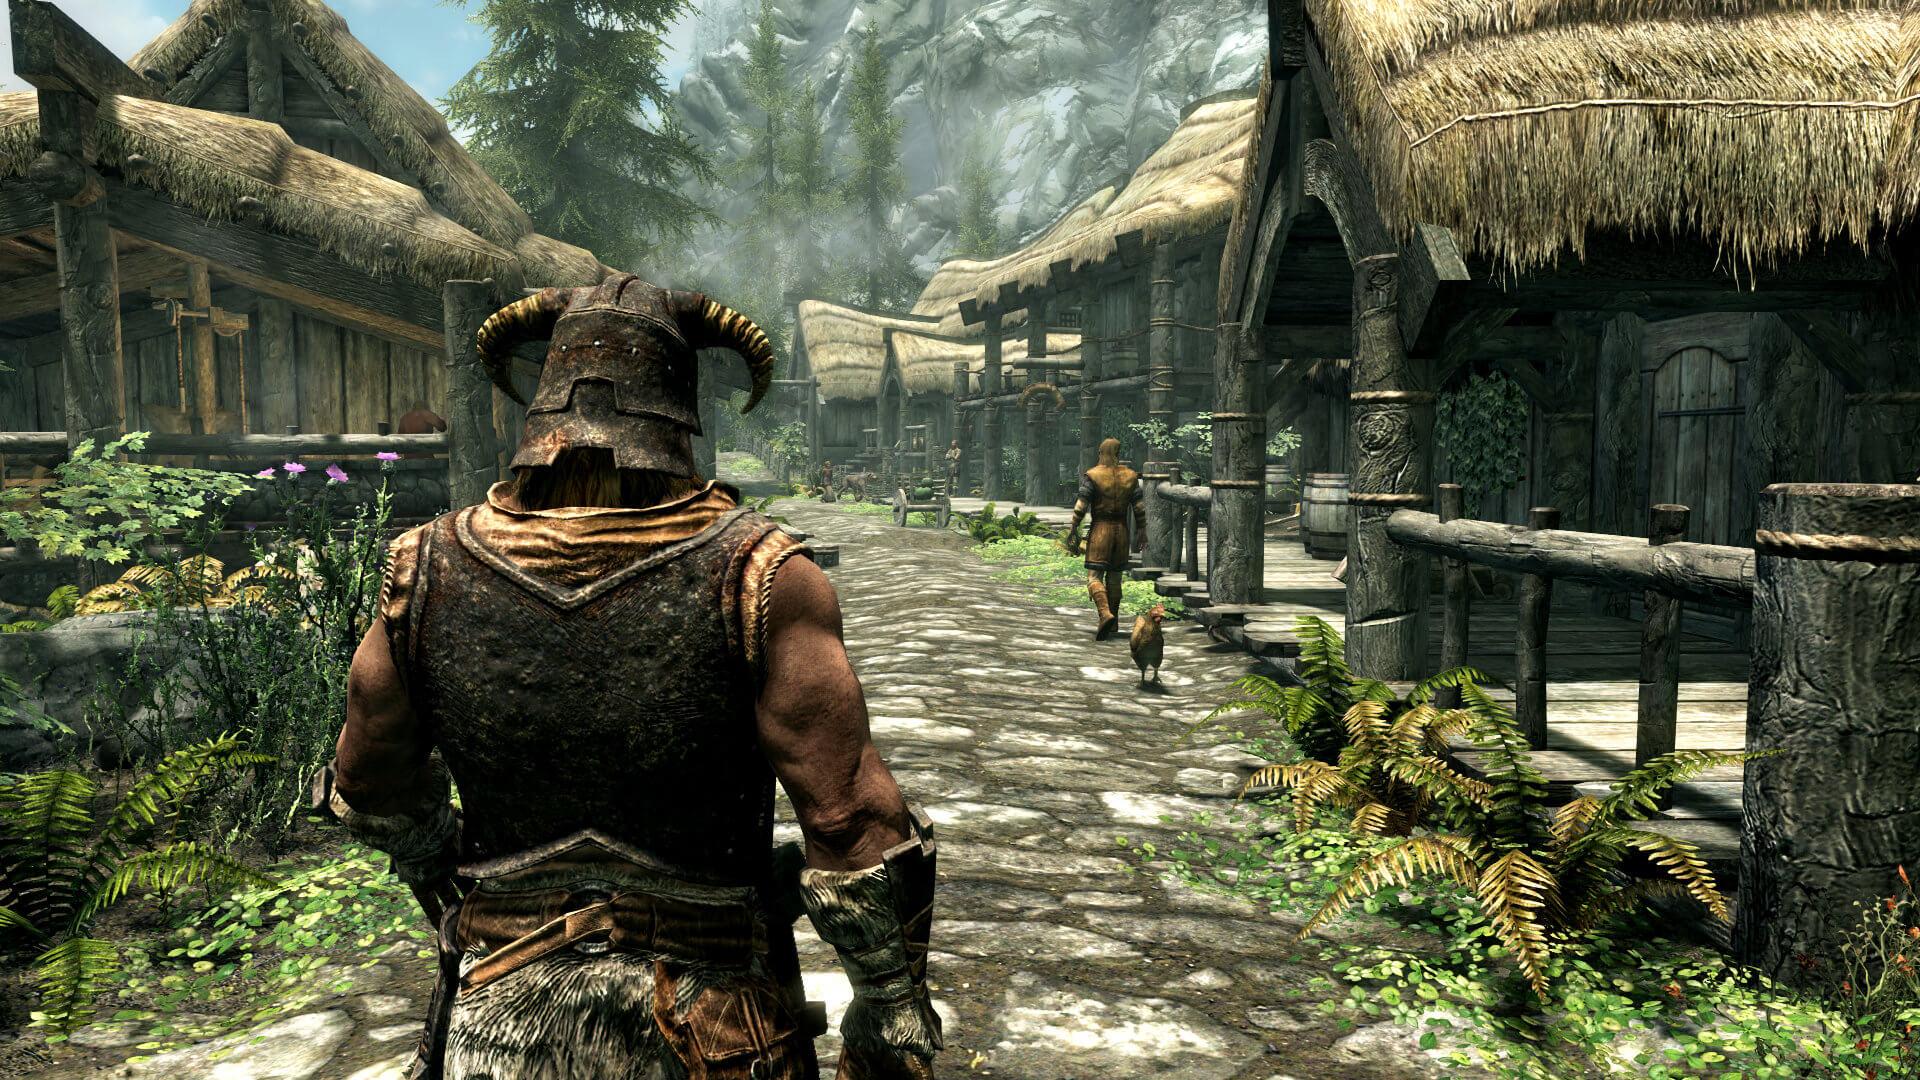 Kara za geoblokadę gier. Komisja Europejska osądza Valve i inne firmy